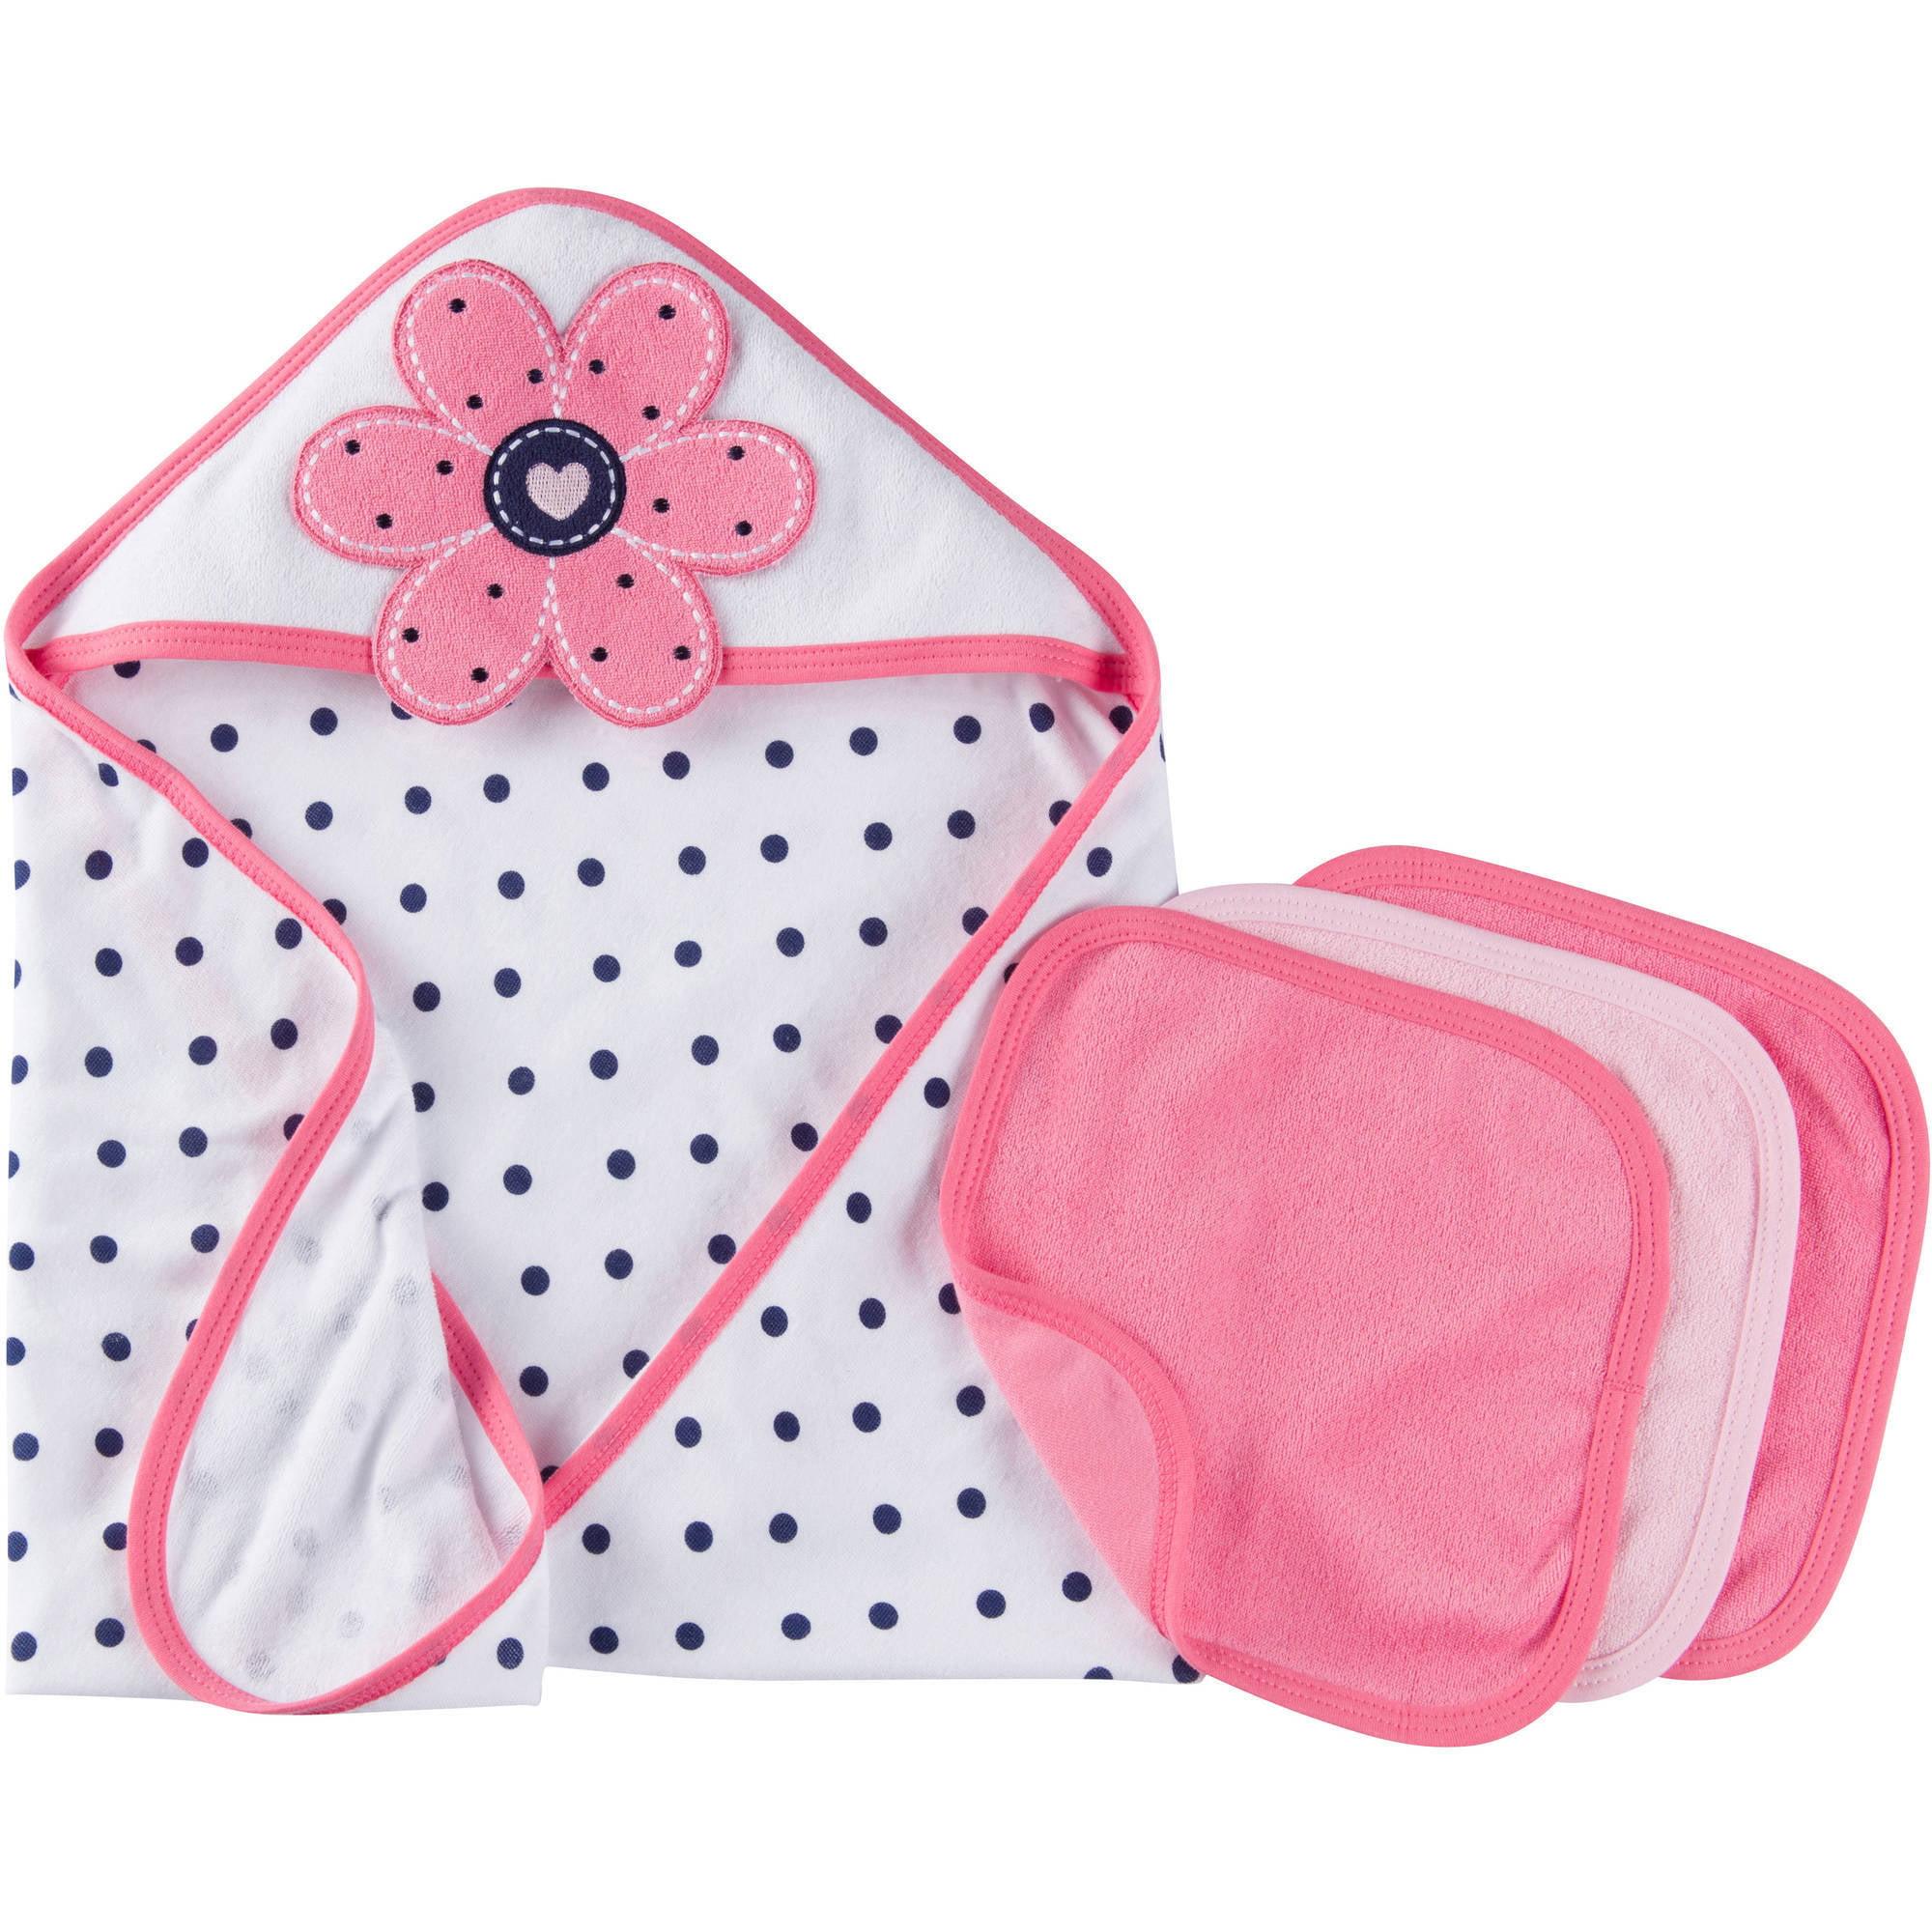 3b7ef61a9943 Gerber Newborn Baby Girl Towel and Washcloths Bath Essentials 4-Piece Gift  Set - Walmart.com